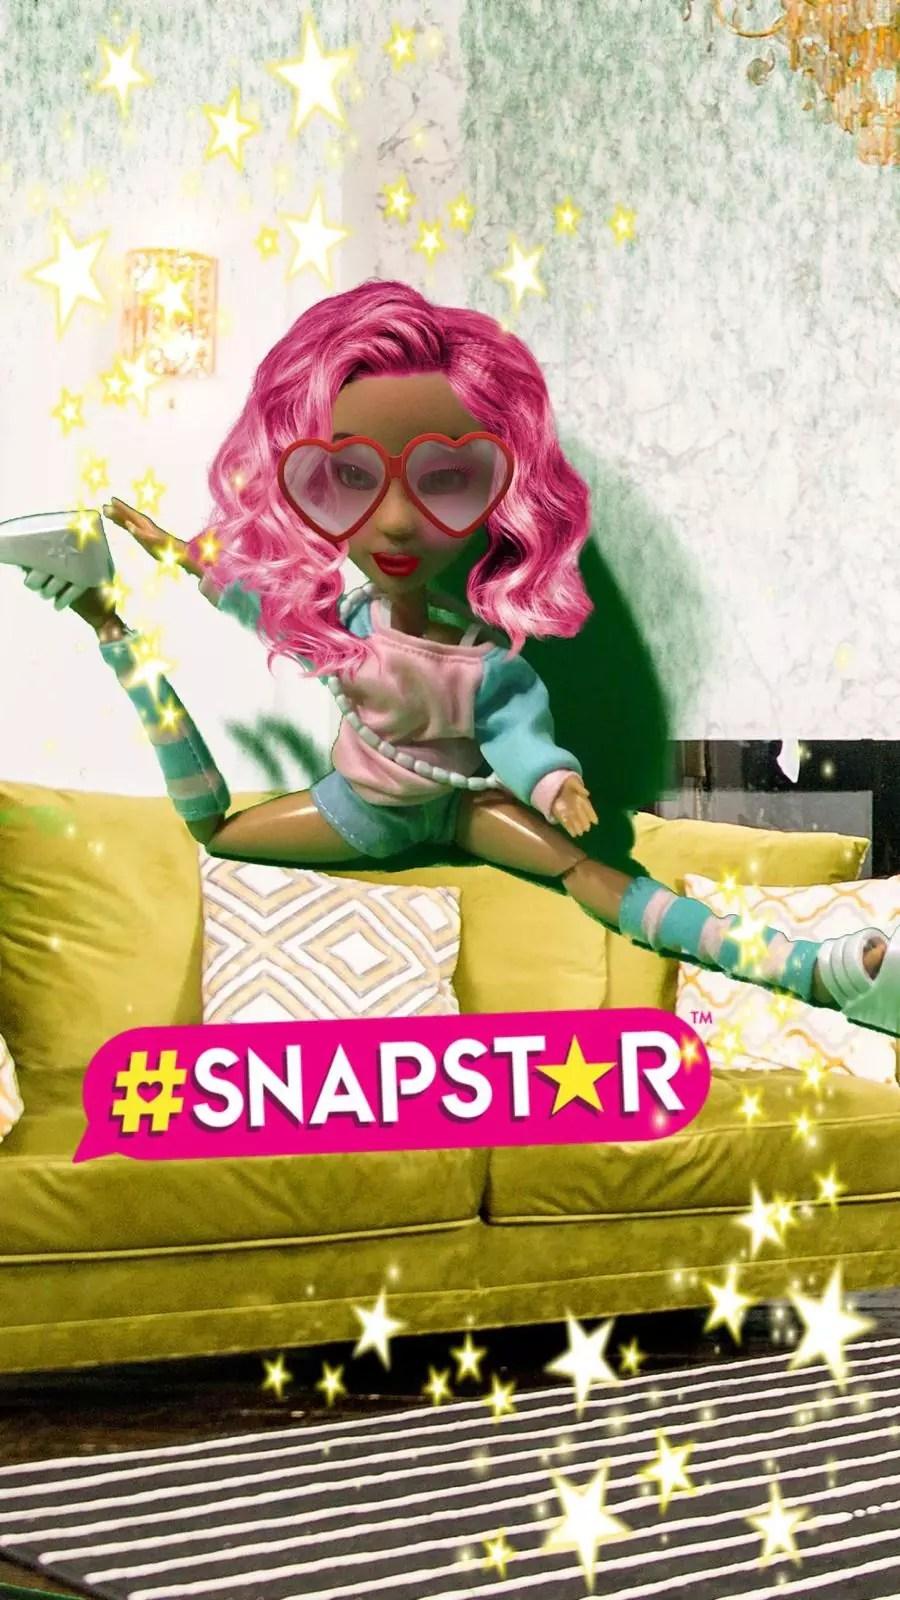 Lola #Snapstar